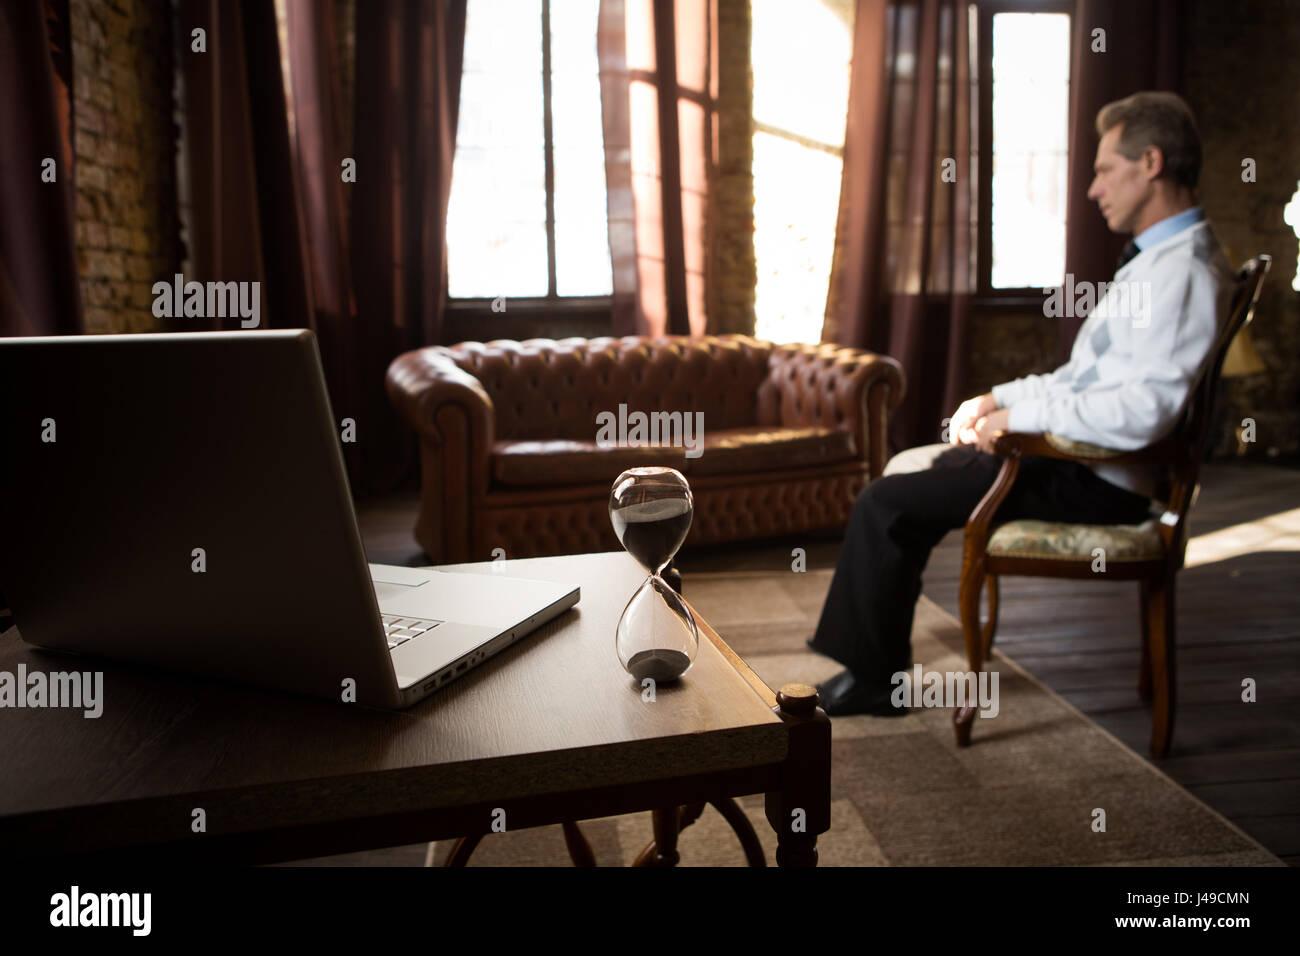 Psychologie-Konzept. Behandlung von psychischen Erkrankungen, Krankheiten usw.. Psychiater Mann in seinem Büro Stockbild